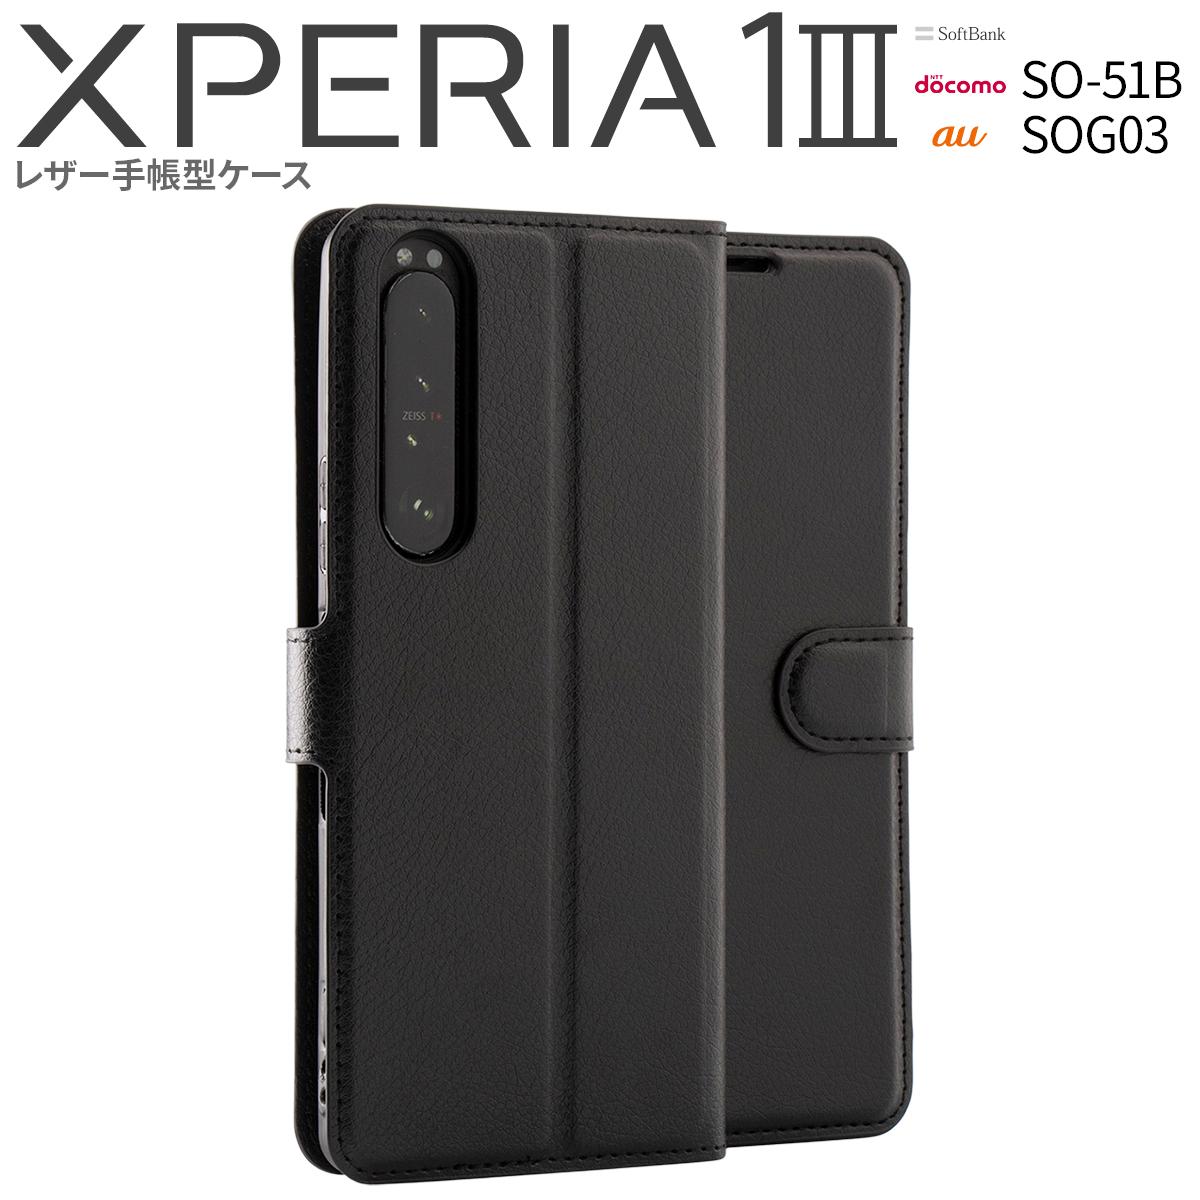 Xperia 1 III SO-51B SOG03 レザー手帳型ケース